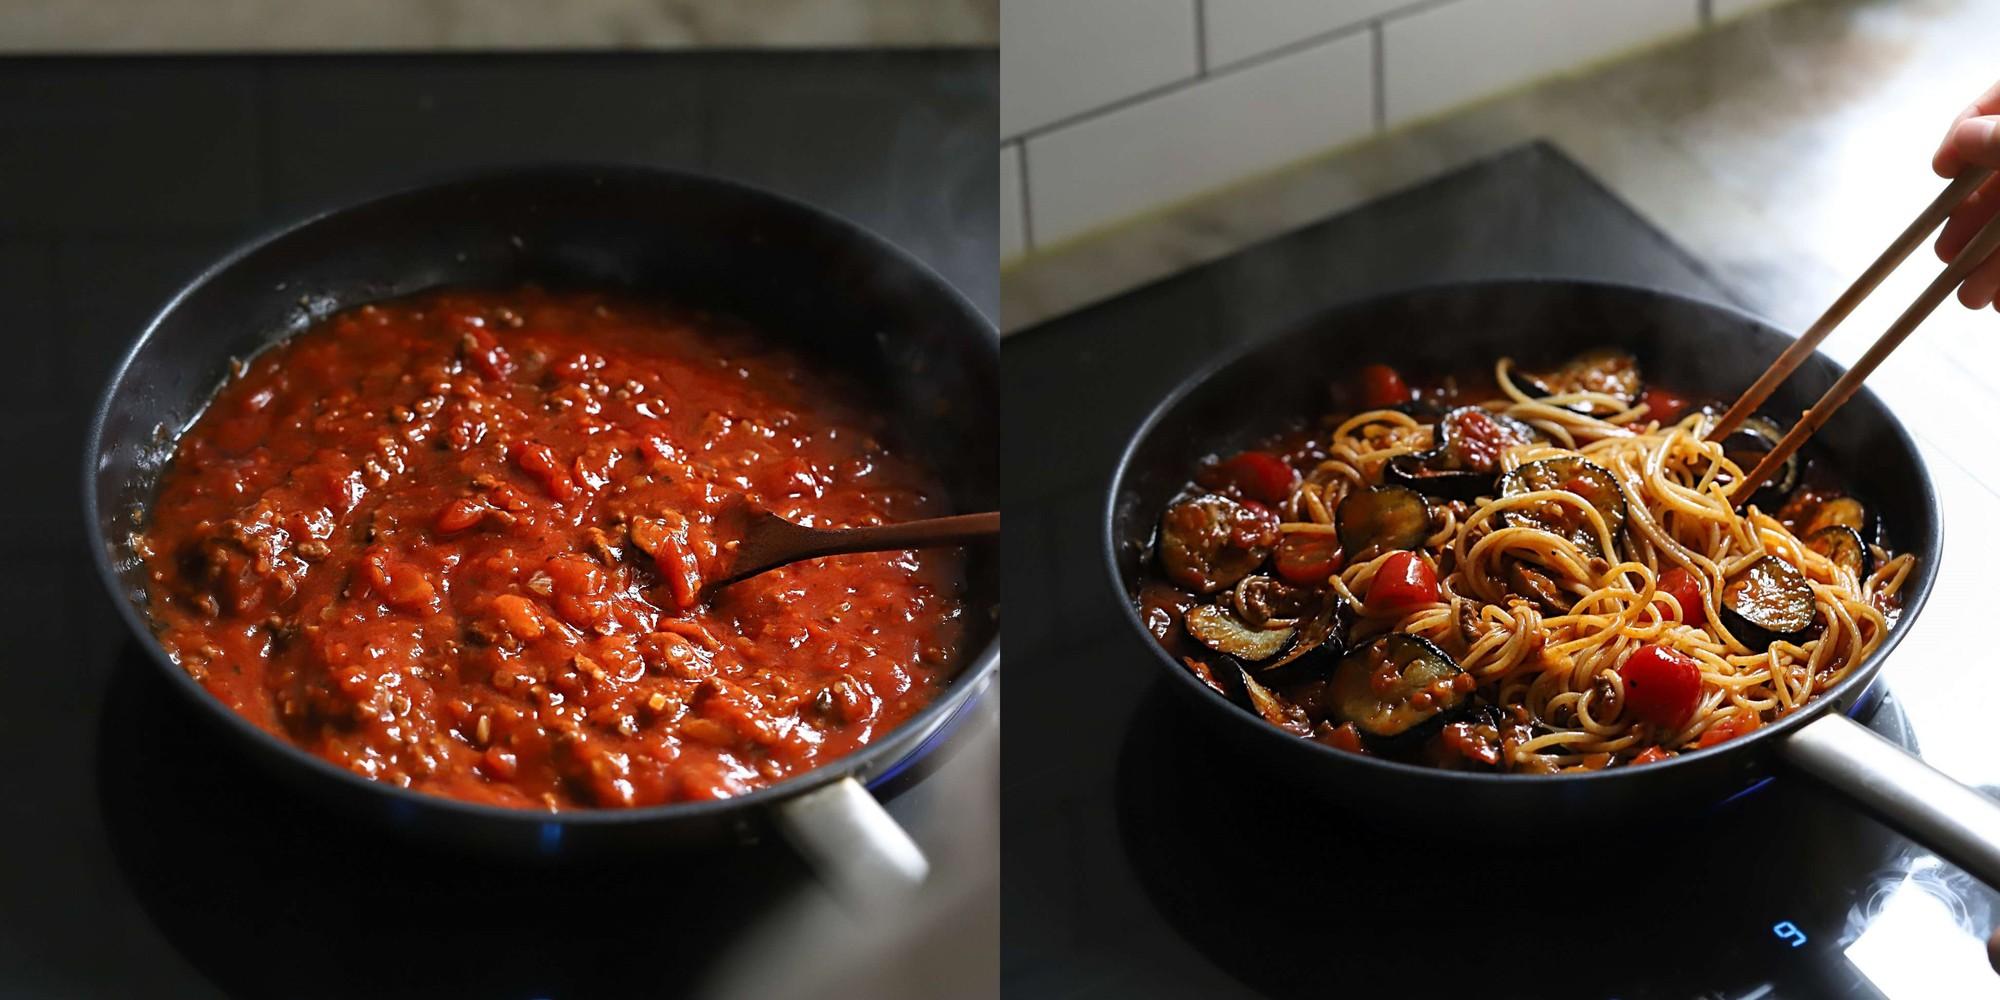 Món mì Ý ngon chuẩn vị hóa ra có cách làm dễ vô cùng! - Ảnh 4.